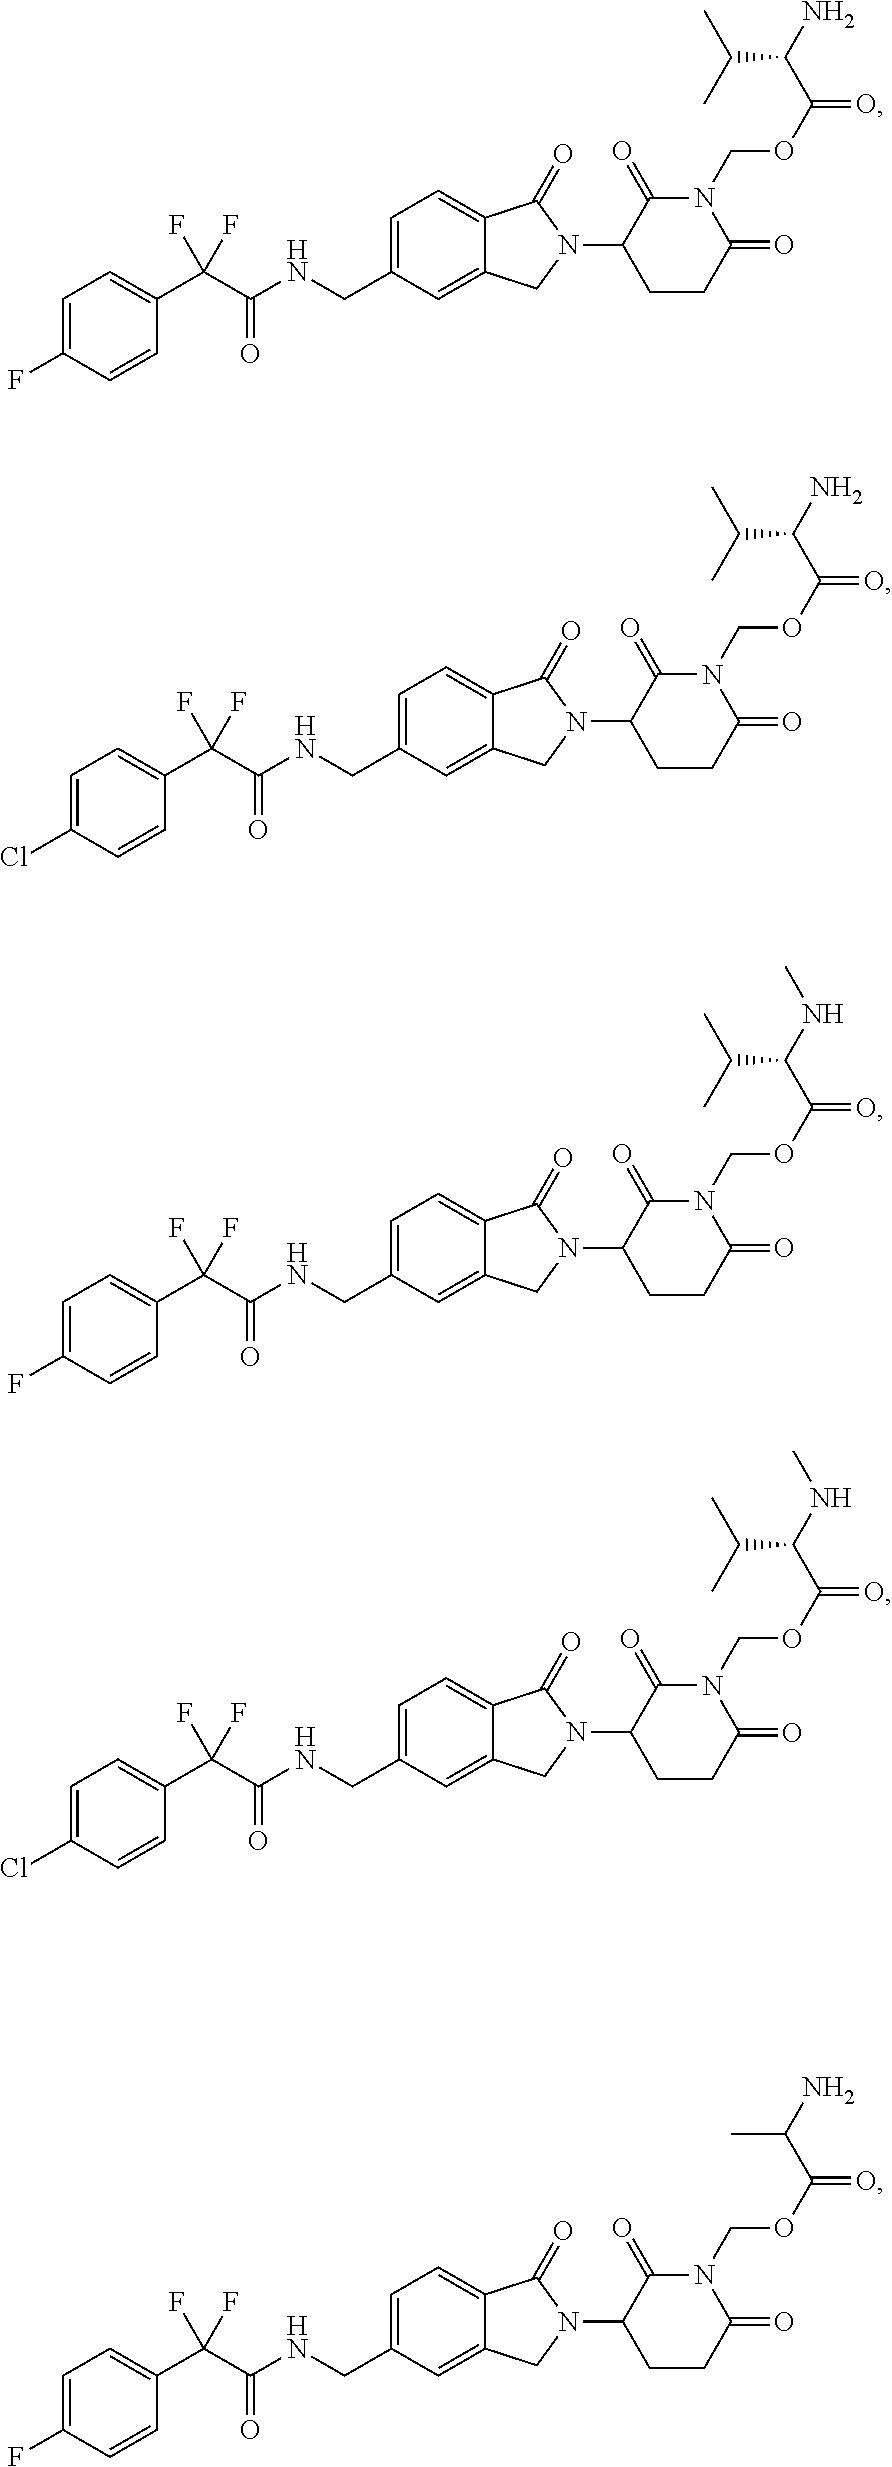 Figure US09938254-20180410-C00026